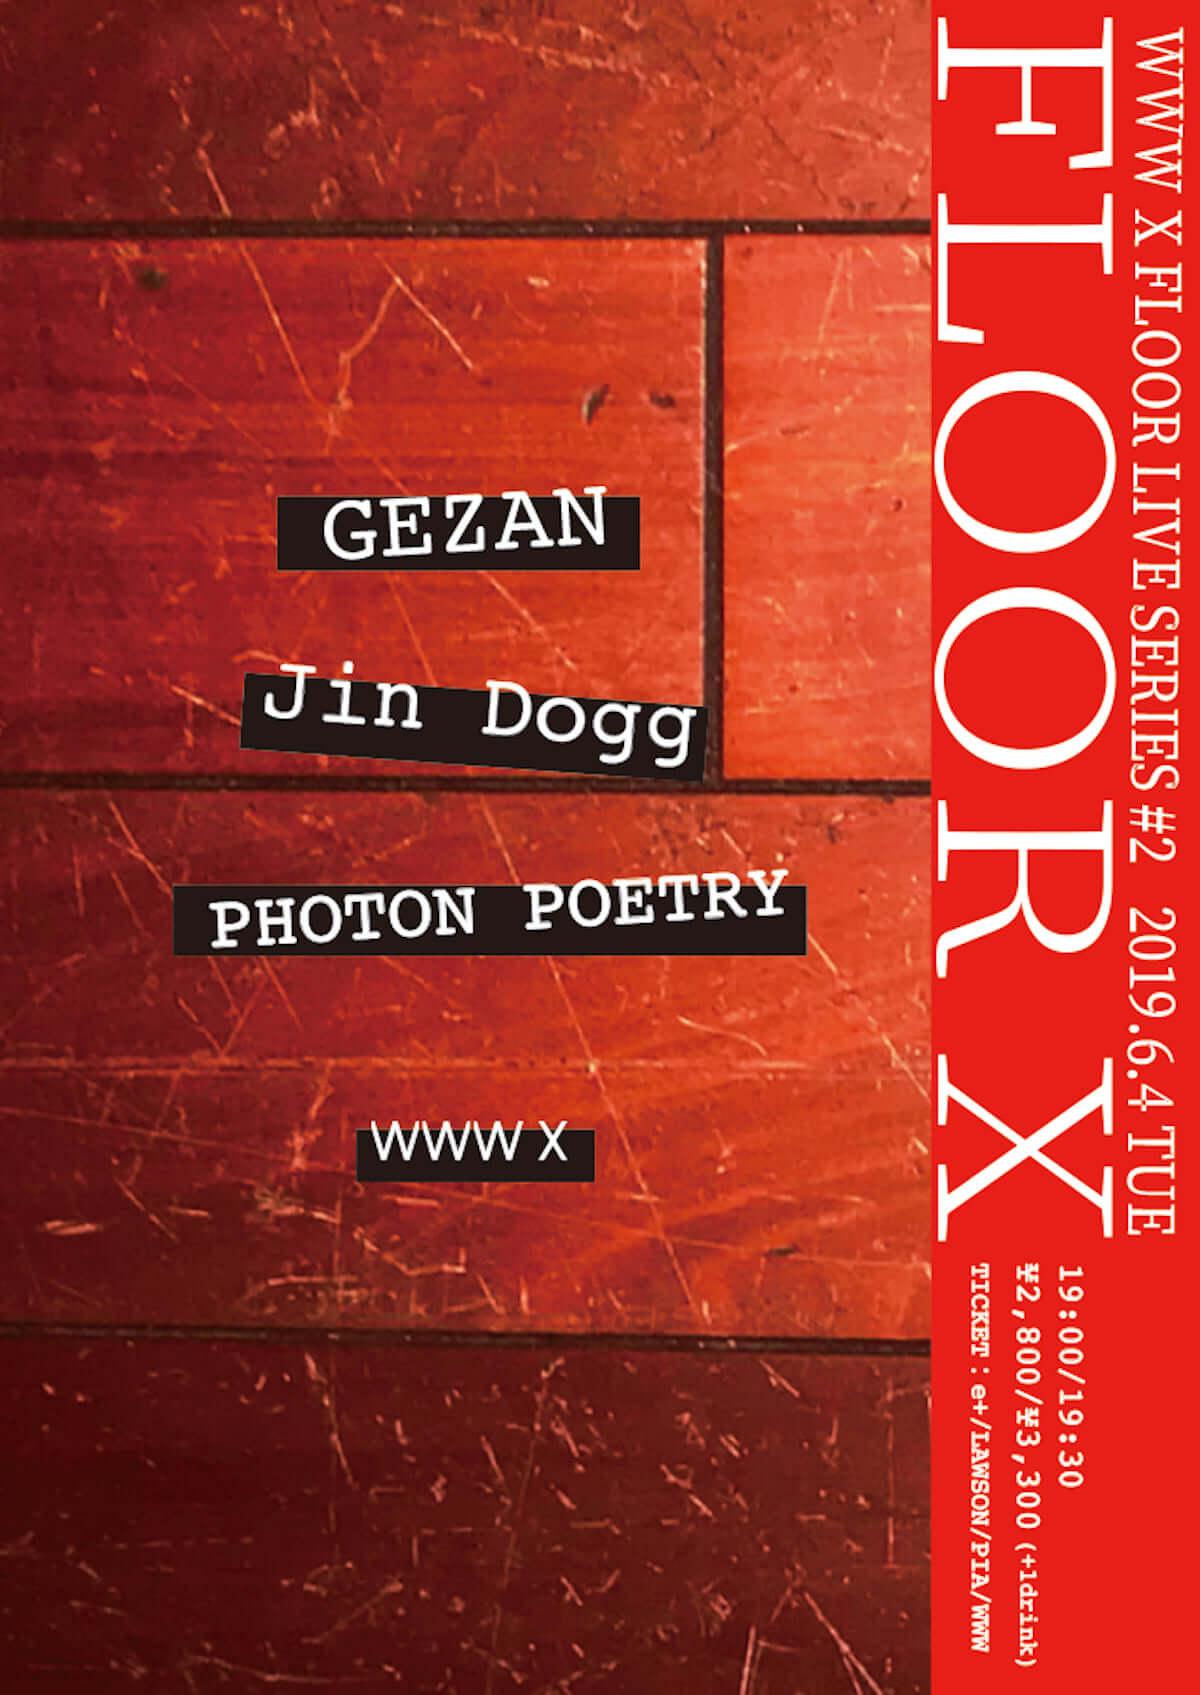 WWW X、フロアLIVEシリーズ「FLOOR X」第2回にGEZAN、Jin Dogg、PHOTON POETRY(shine of ugly jewel)が登場 music190416-floorx-2-1200x1695